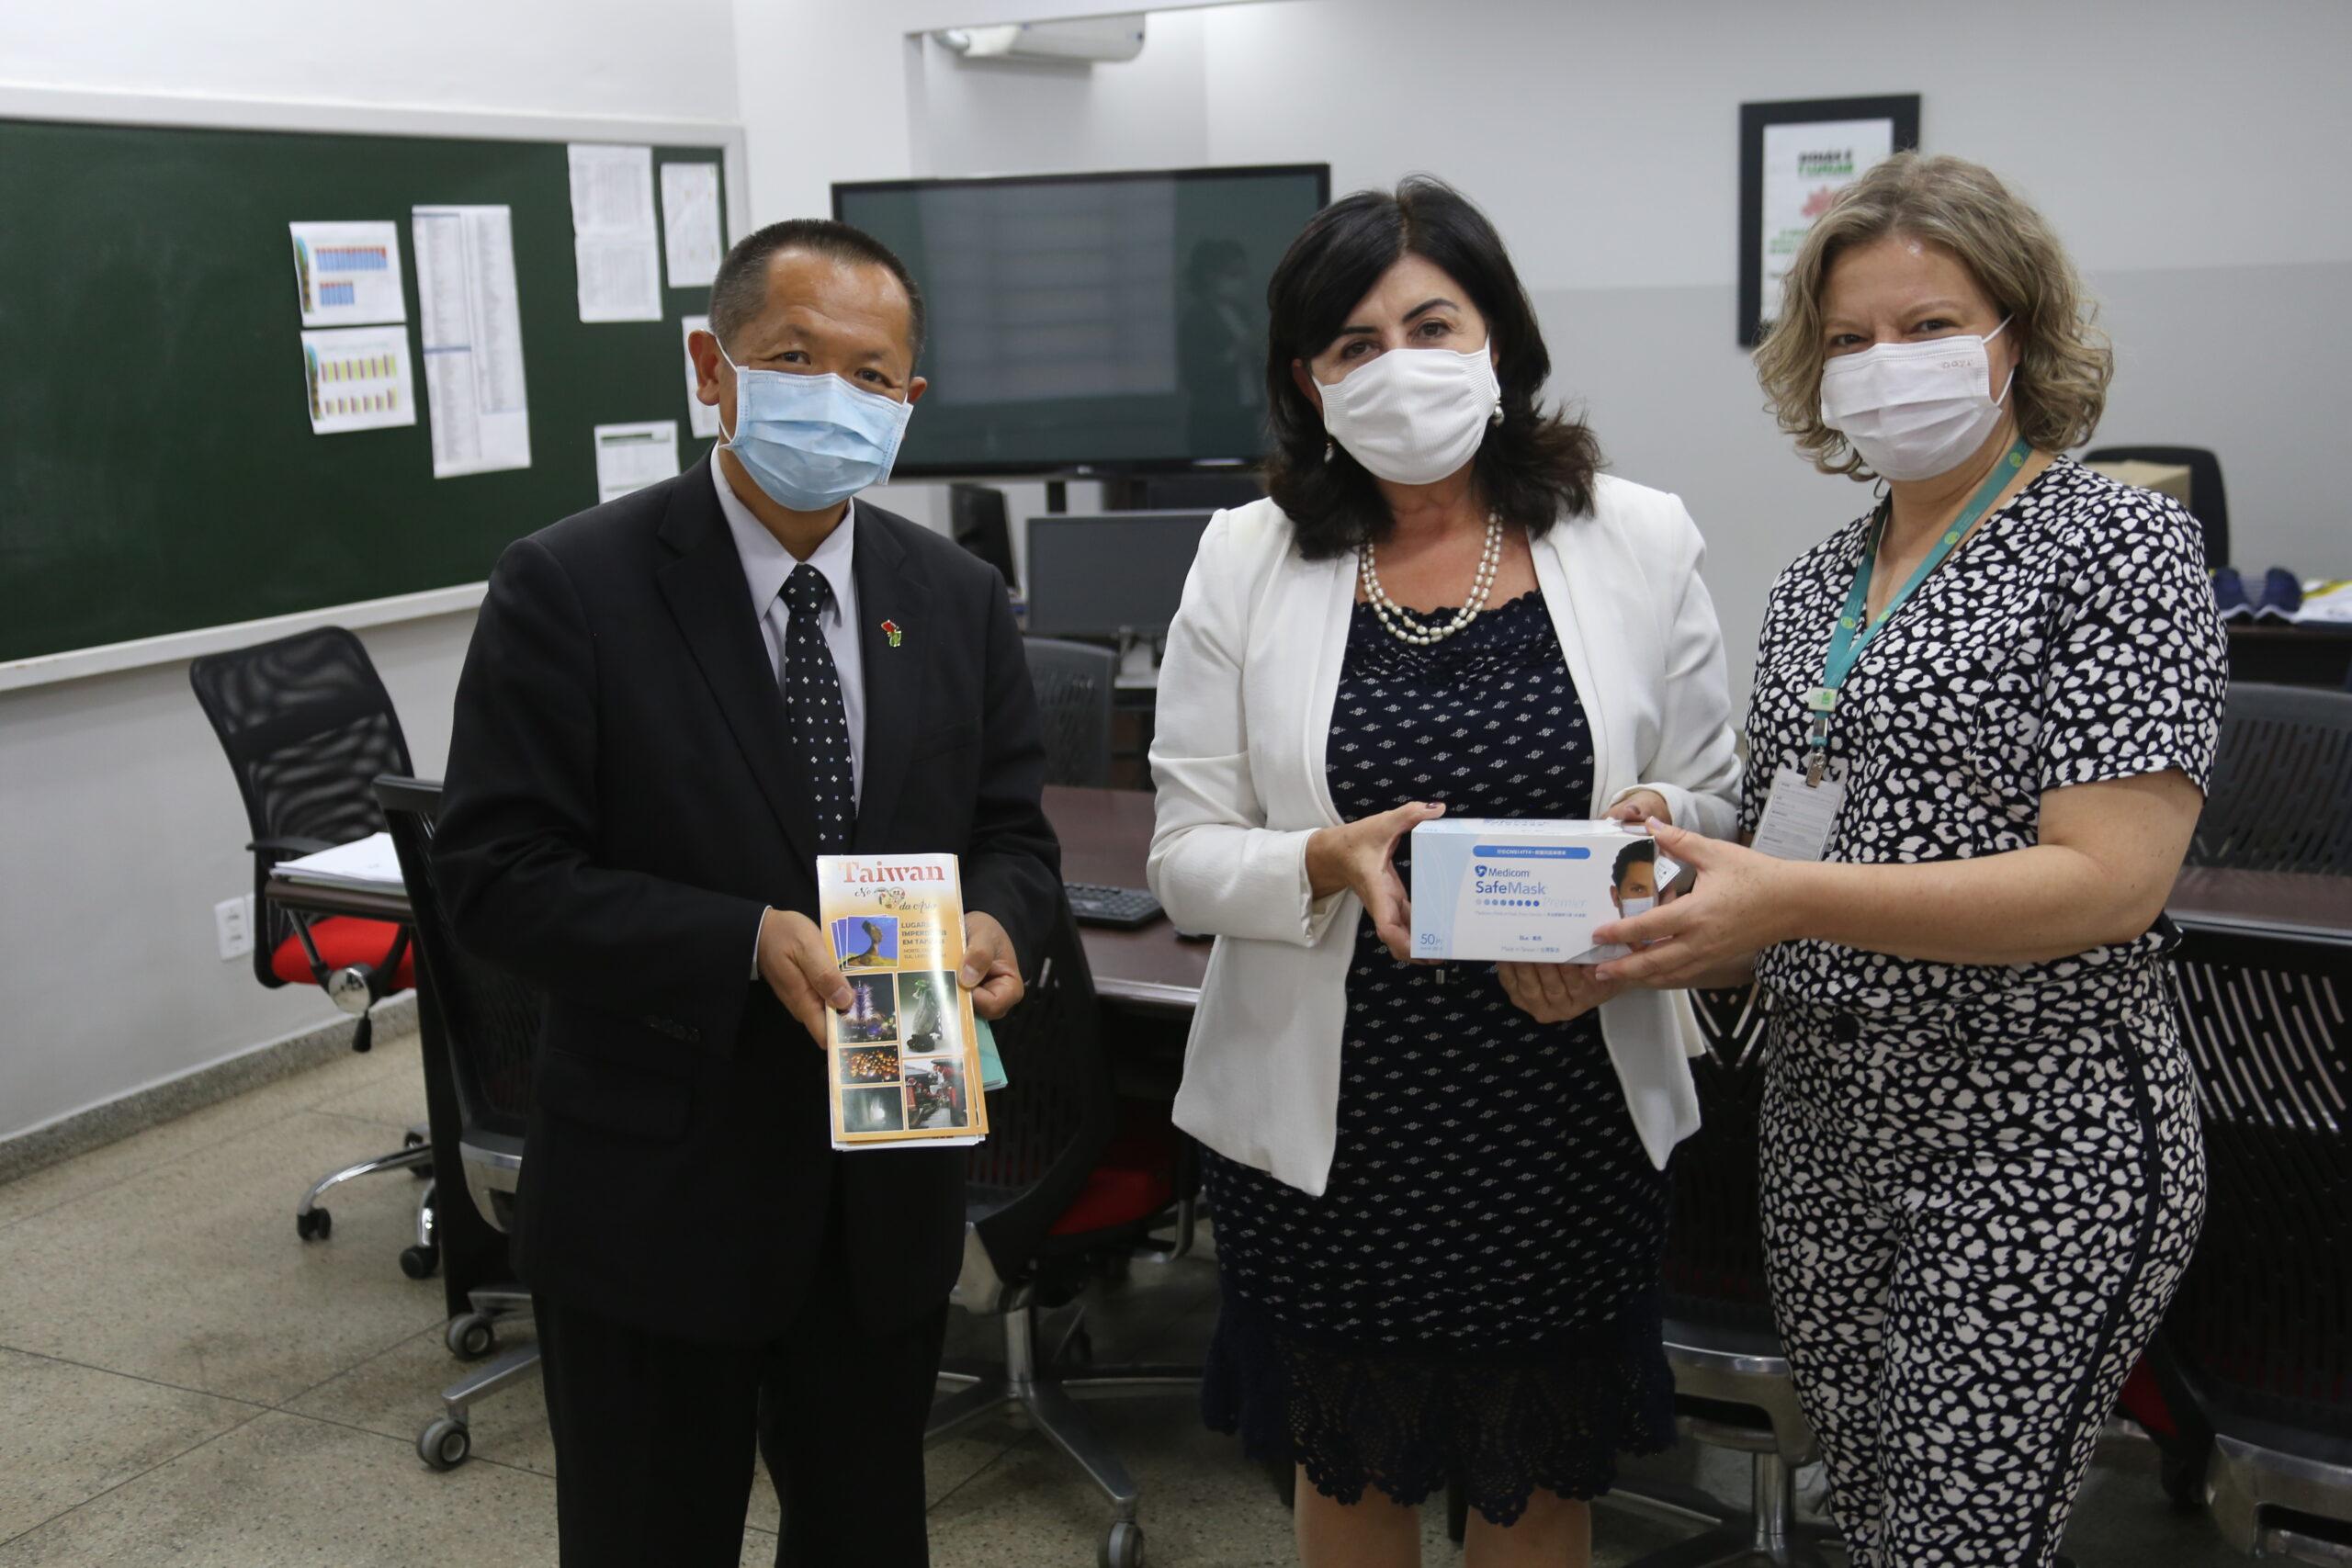 Embaixador de Taiwan no Brasil visita Seduc